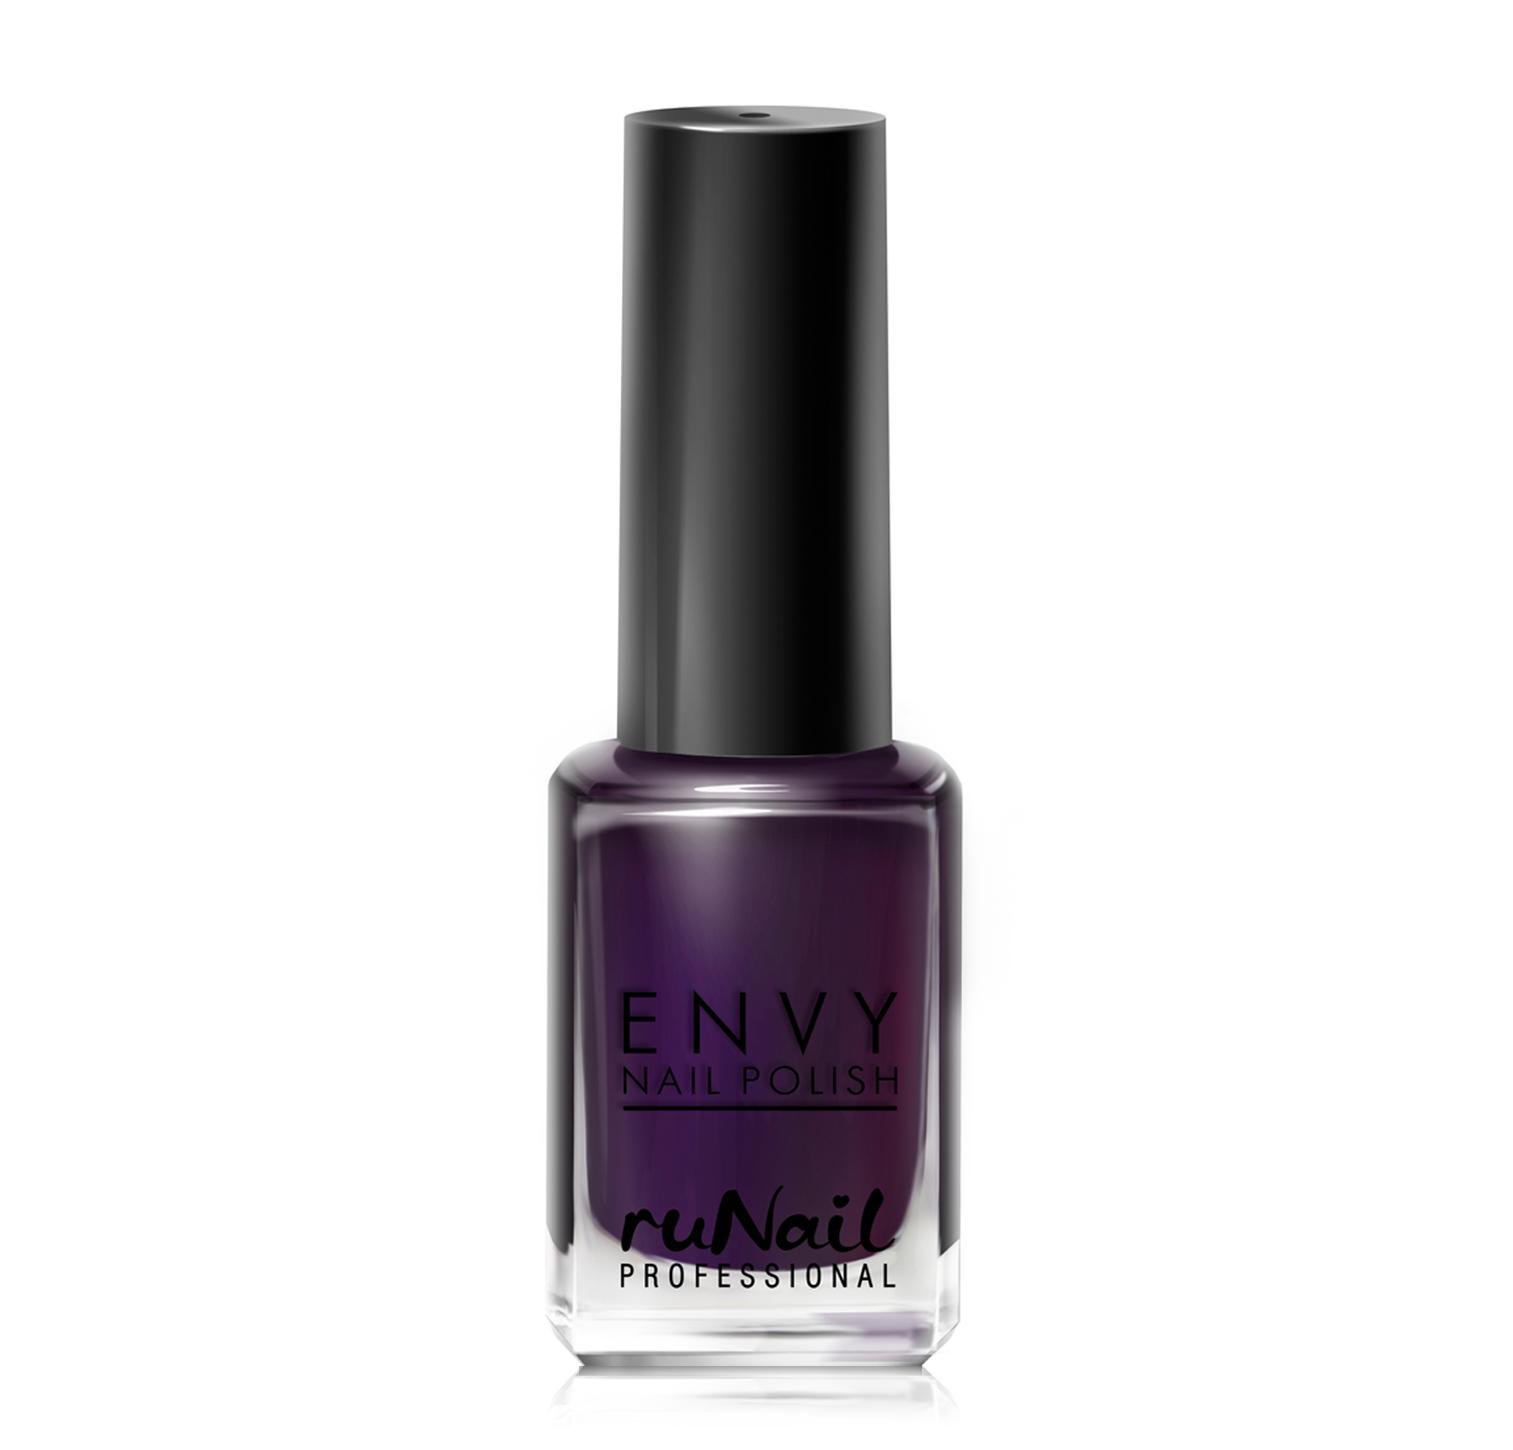 Лак для ногтей Envy, 12 мл, №1577, цвет: Голливуд №1577